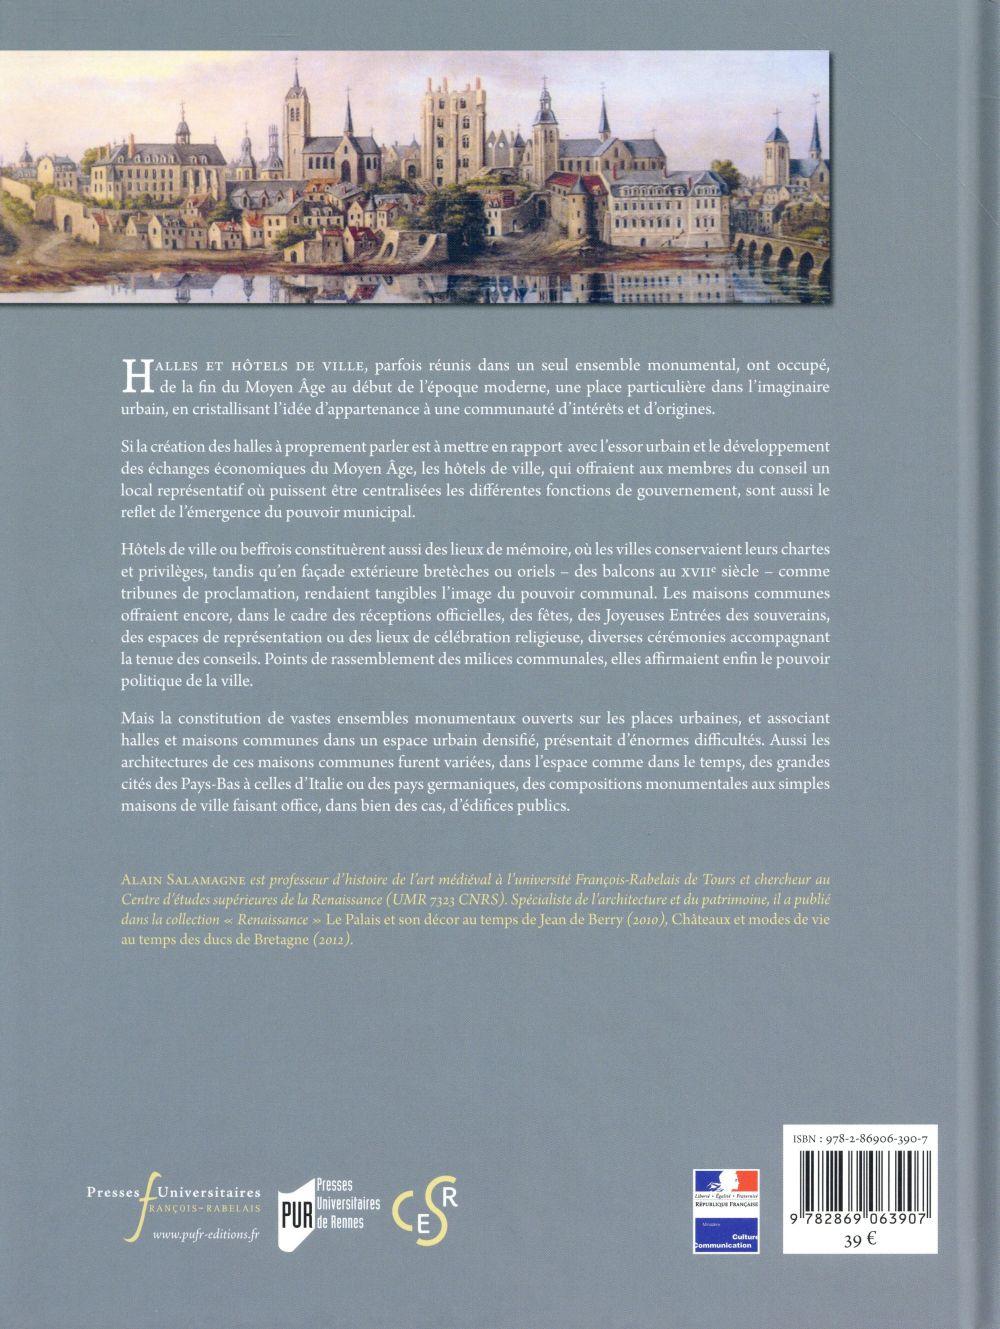 Hôtels de ville, architecture publique à la Renaissance